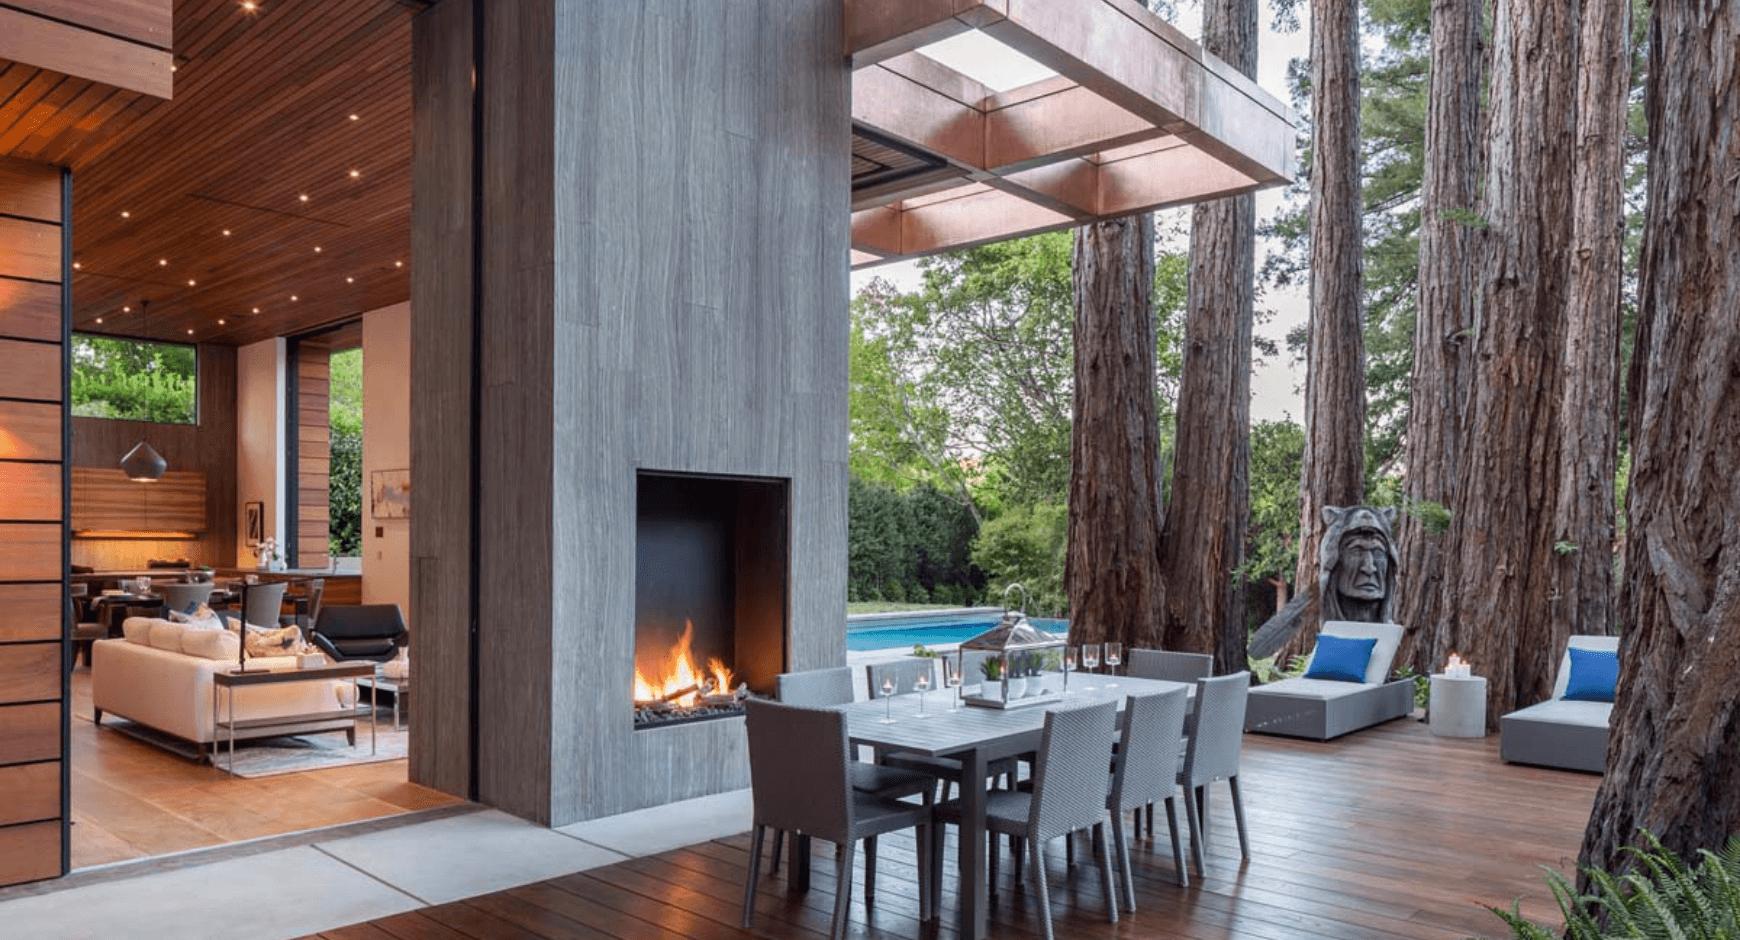 new hotel trends combining indoor and outdoor space